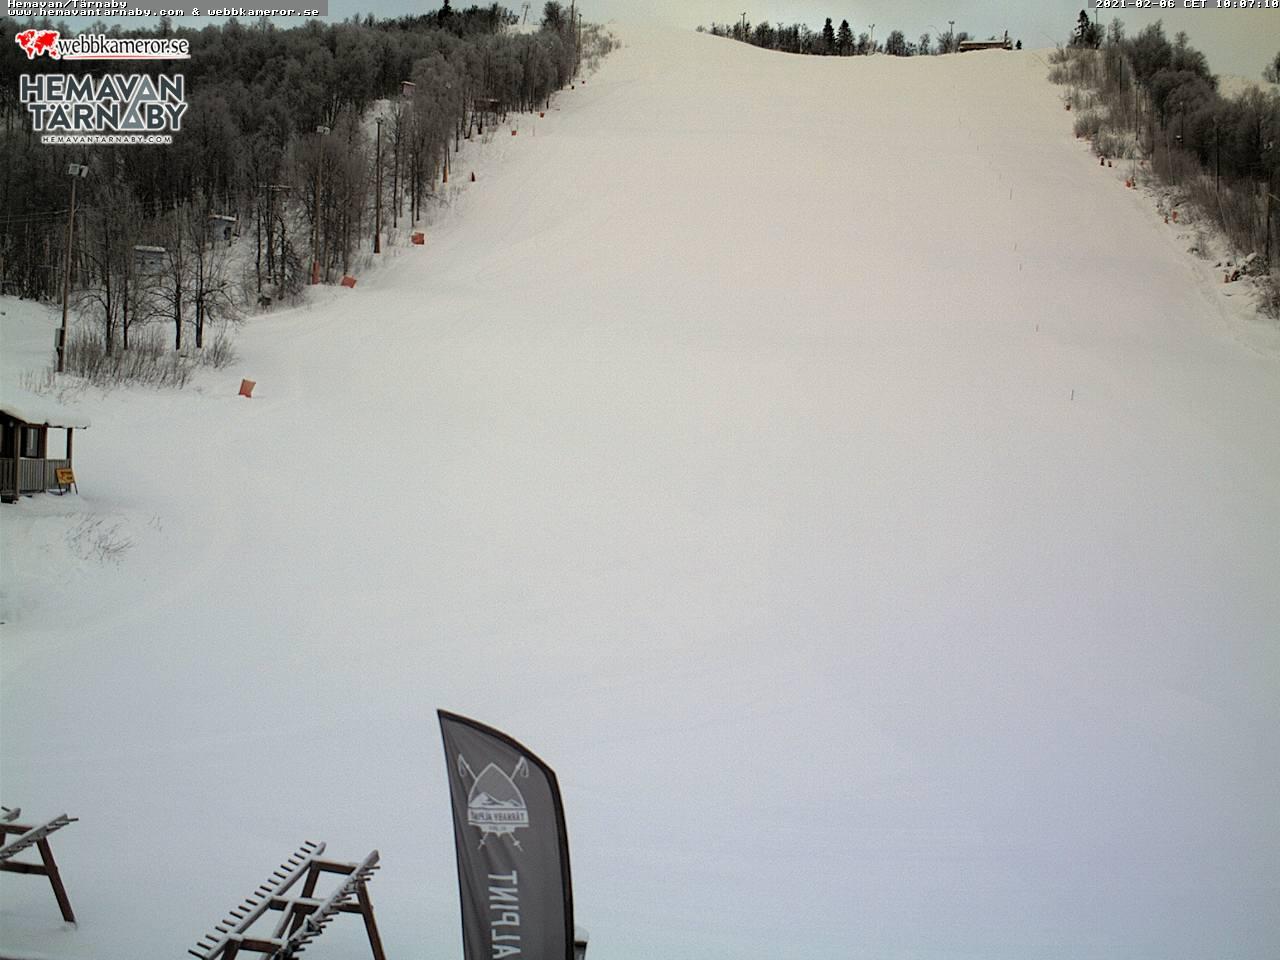 webbkamera engelsk liten i linköping